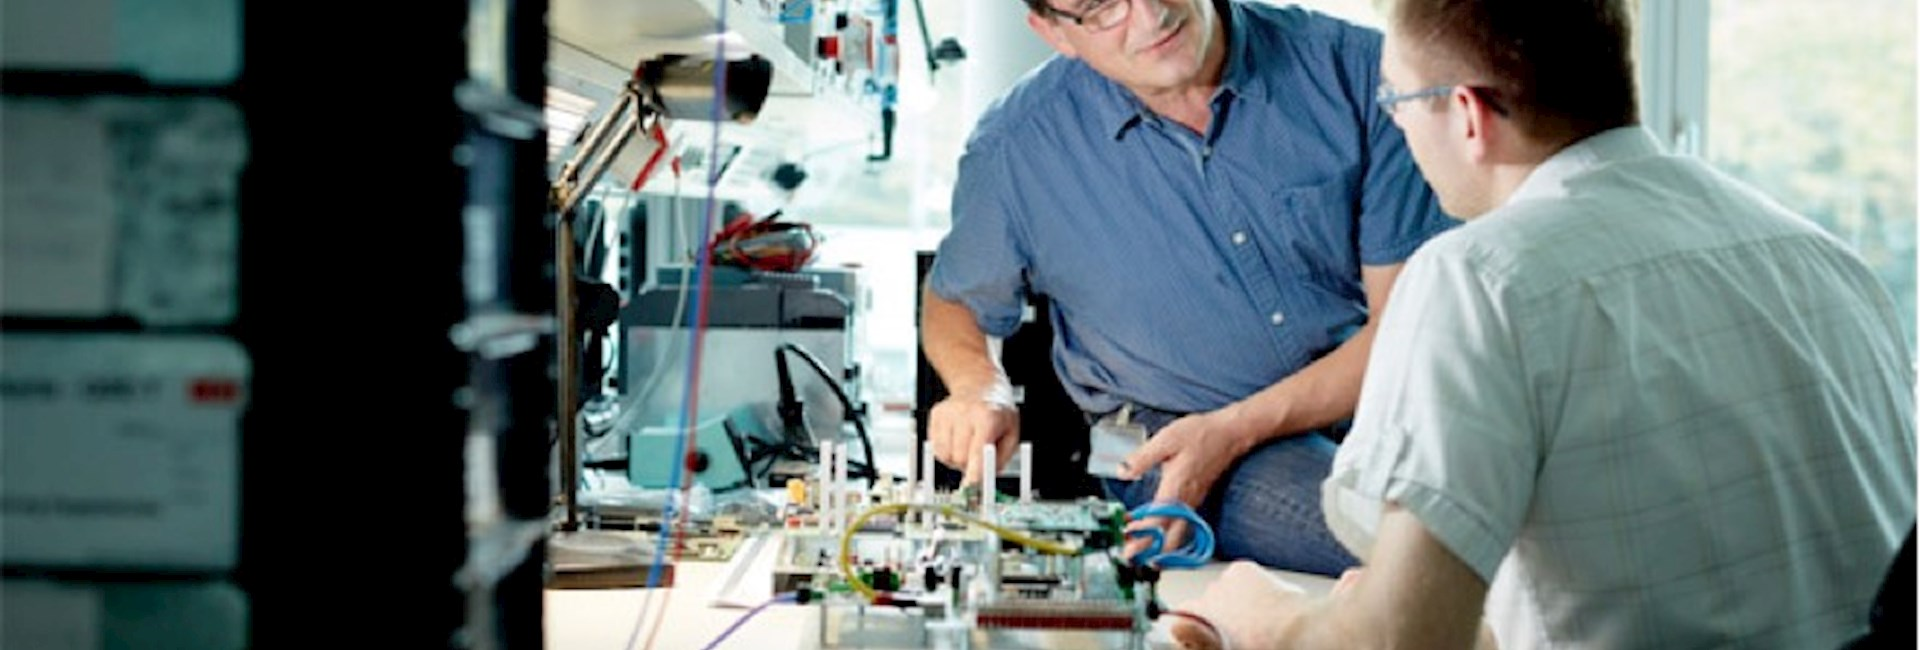 Zwei Elektrotechnik-Ingenieure im Gespräch